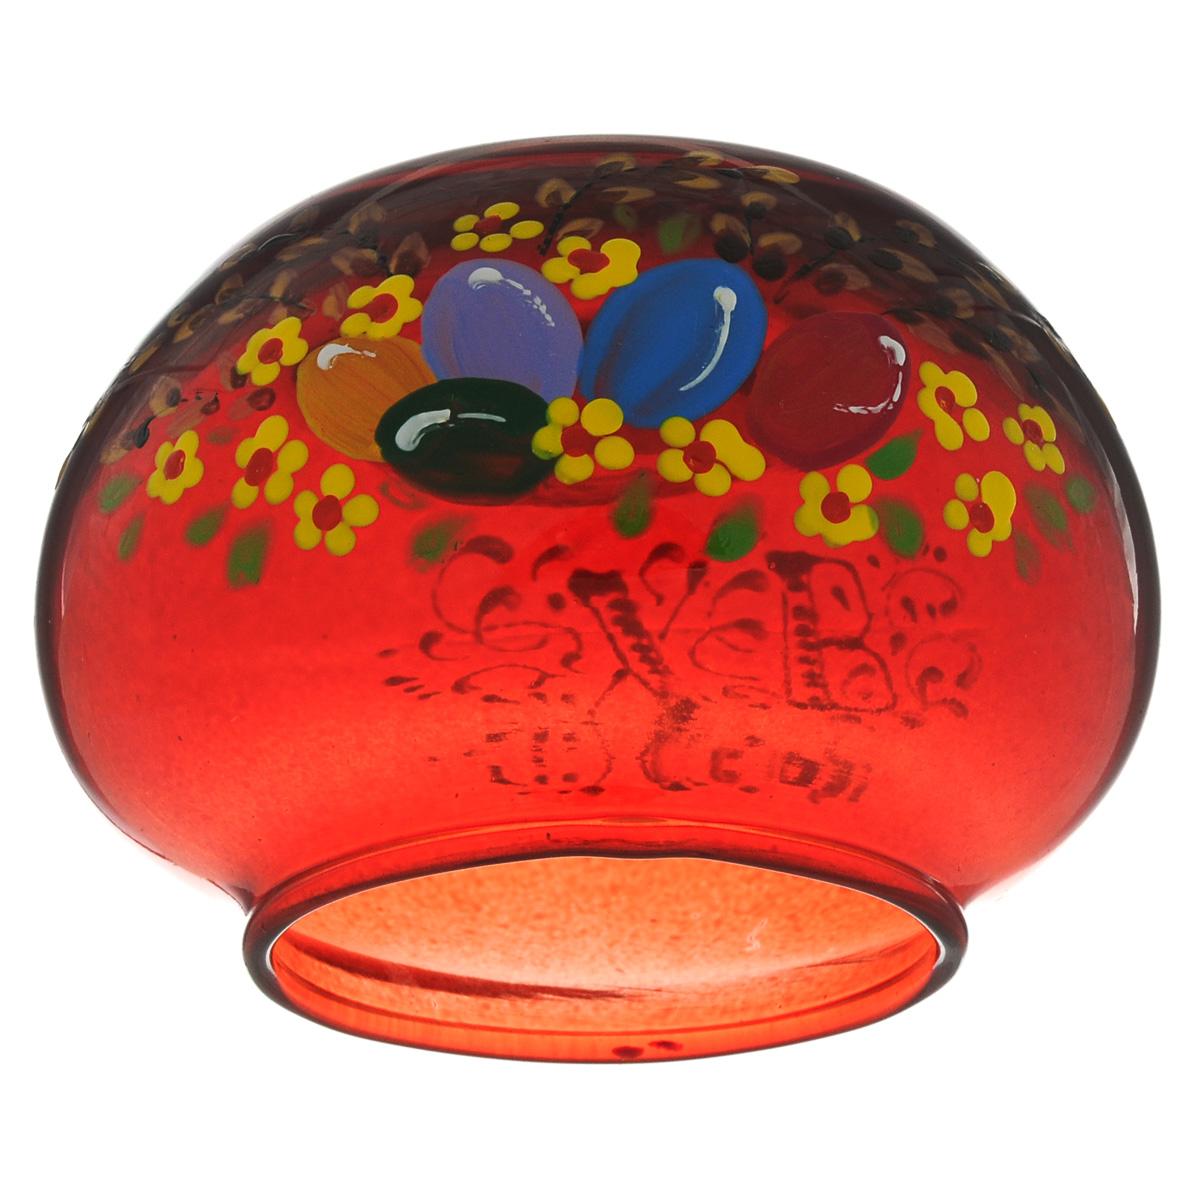 Подсвечник Sima-land Фокус, цвет: красный196293Круглый подсвечник Sima-land Фокус изготовлен из стекла и украшен пасхальным рисунком. В центр изделия помещается свеча-таблетка (не входит в комплект). Зажгите свечку, поставьте ее в подсвечник и наслаждайтесь теплом, которое наполнит ваше сердце. Такой подсвечник привнесет в ваш дом согласие и мир и будет прекрасным подарком, оберегающим близких вам людей. Размер подсвечника (ДхШхВ): 10 см х 10 см х 6,5 см. Диаметр отверстия для свечи: 4 см.